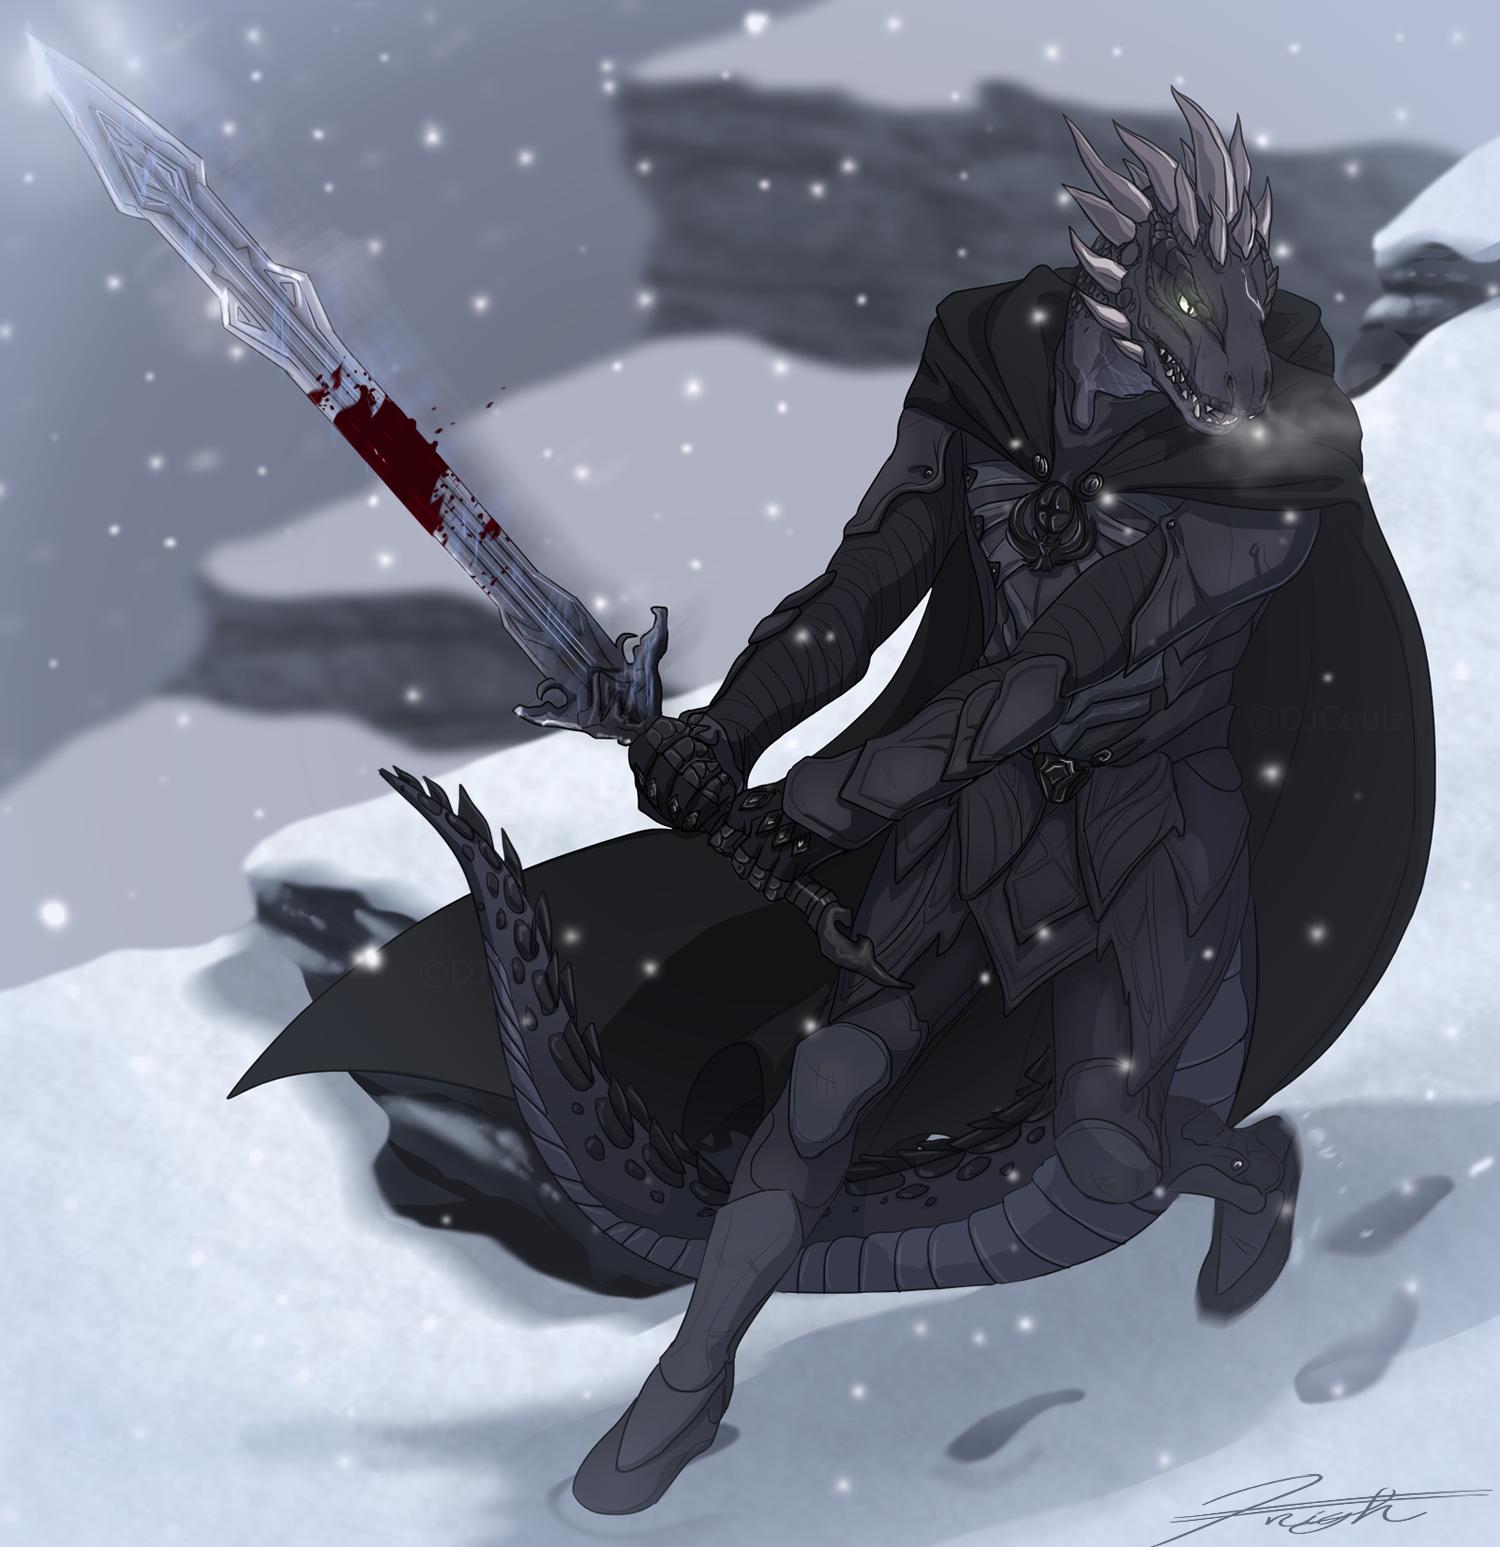 Skyrim - Argonian Nightingale by DJCoulz